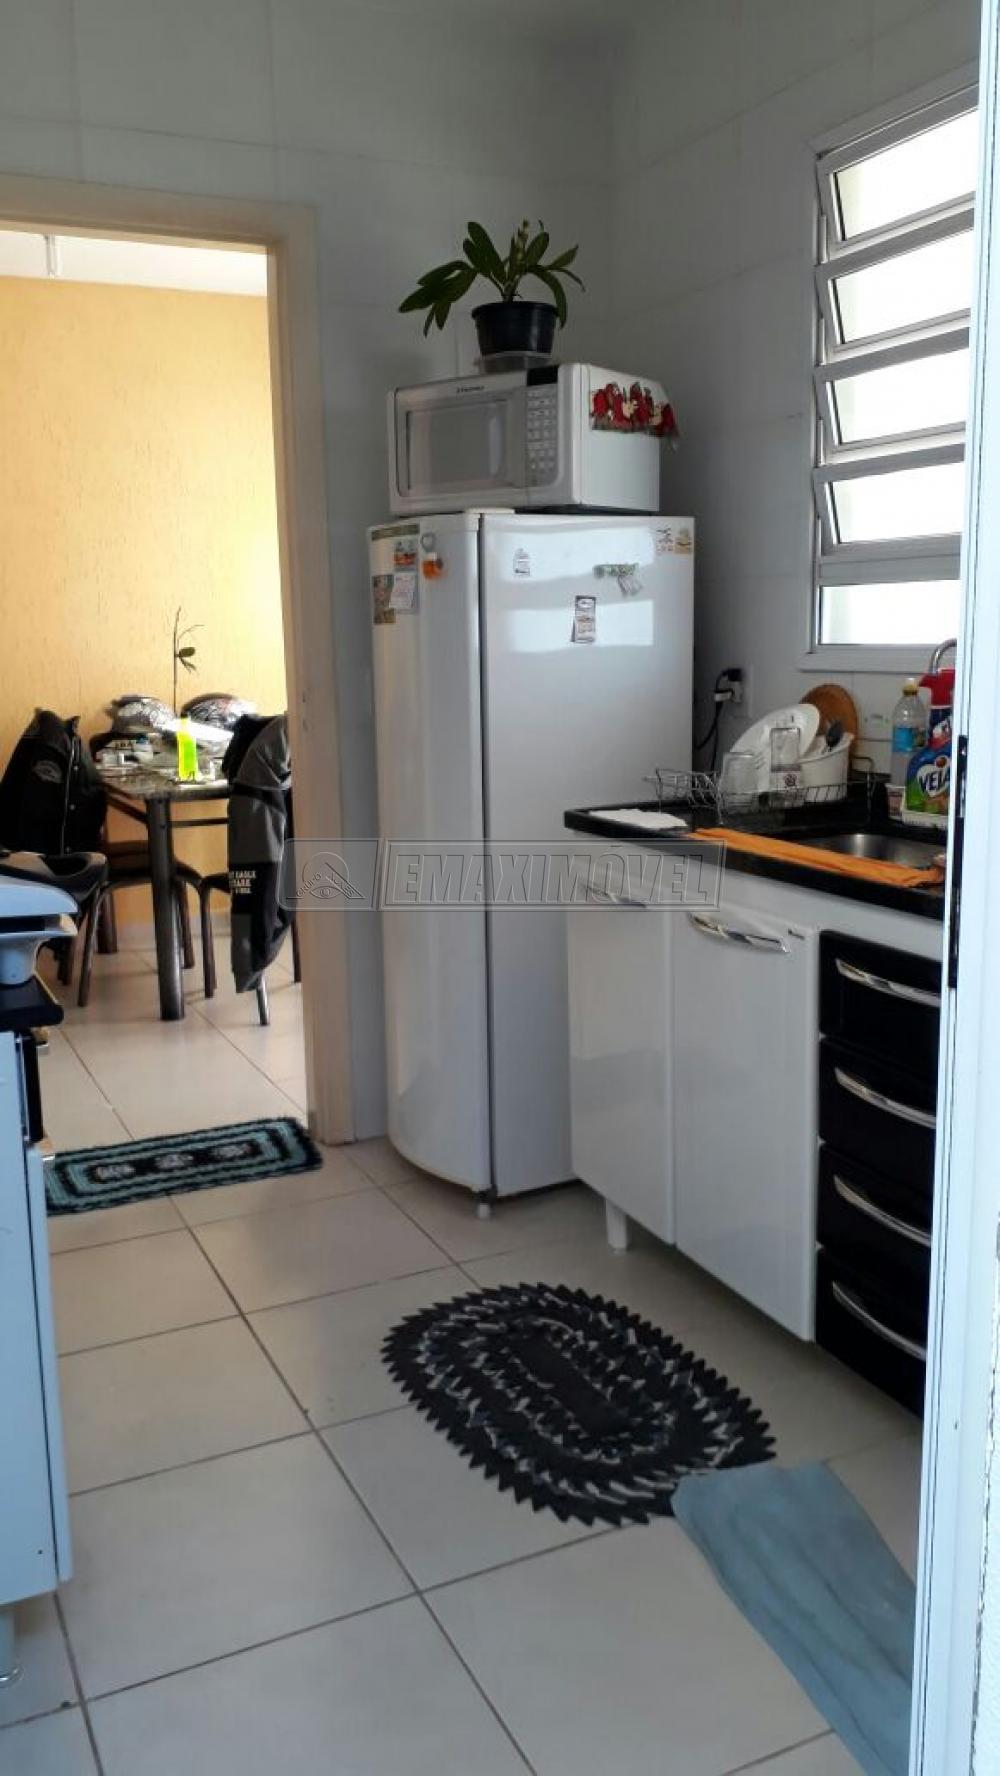 Comprar Casa / em Condomínios em Sorocaba R$ 270.000,00 - Foto 4